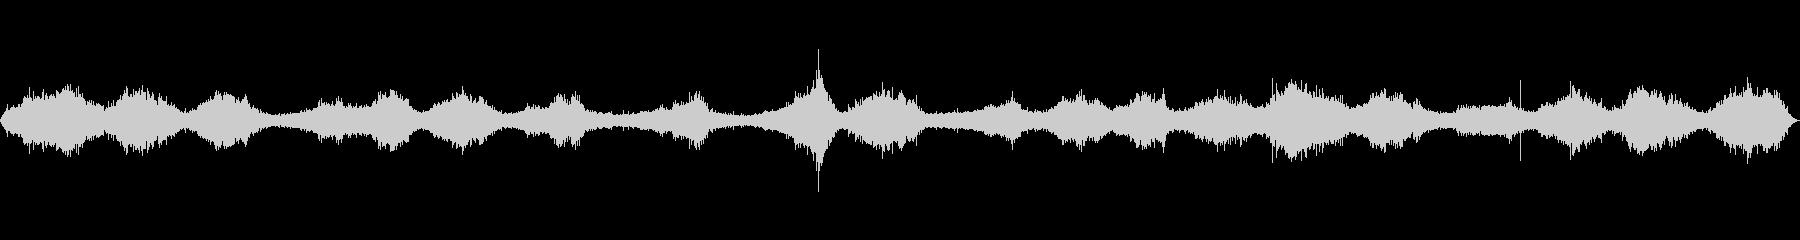 波の音~大荒れの波~岩場の波 【生録音】の未再生の波形